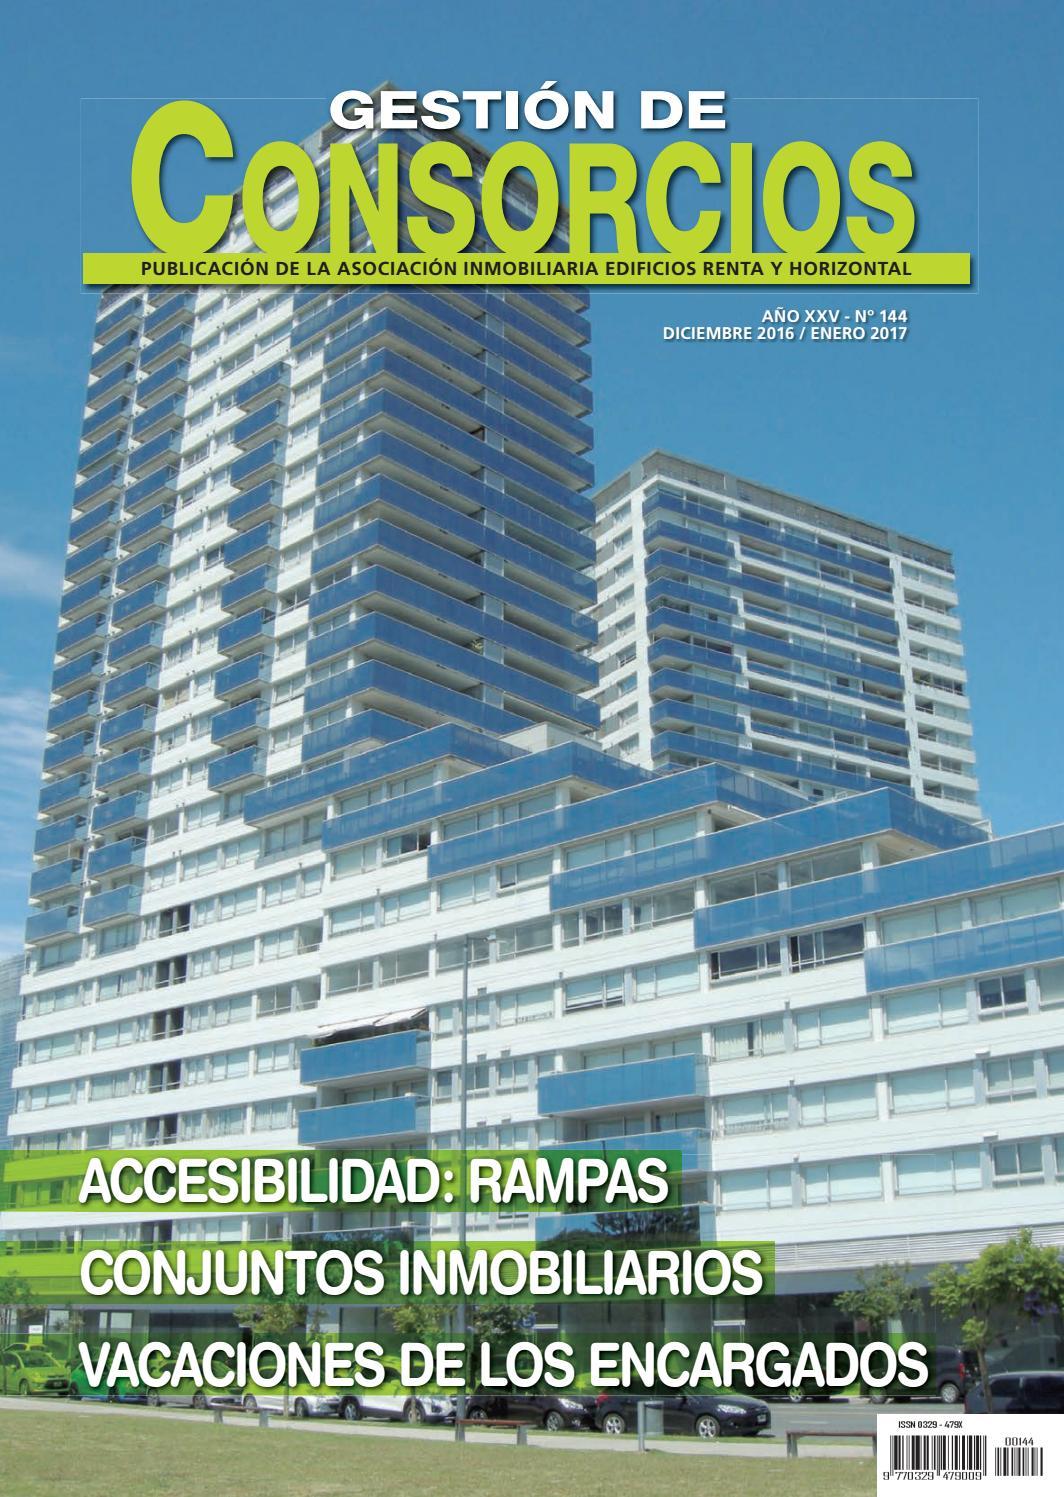 Gestión de Consorcios Nº144 by COLOR&TEXTURA - issuu